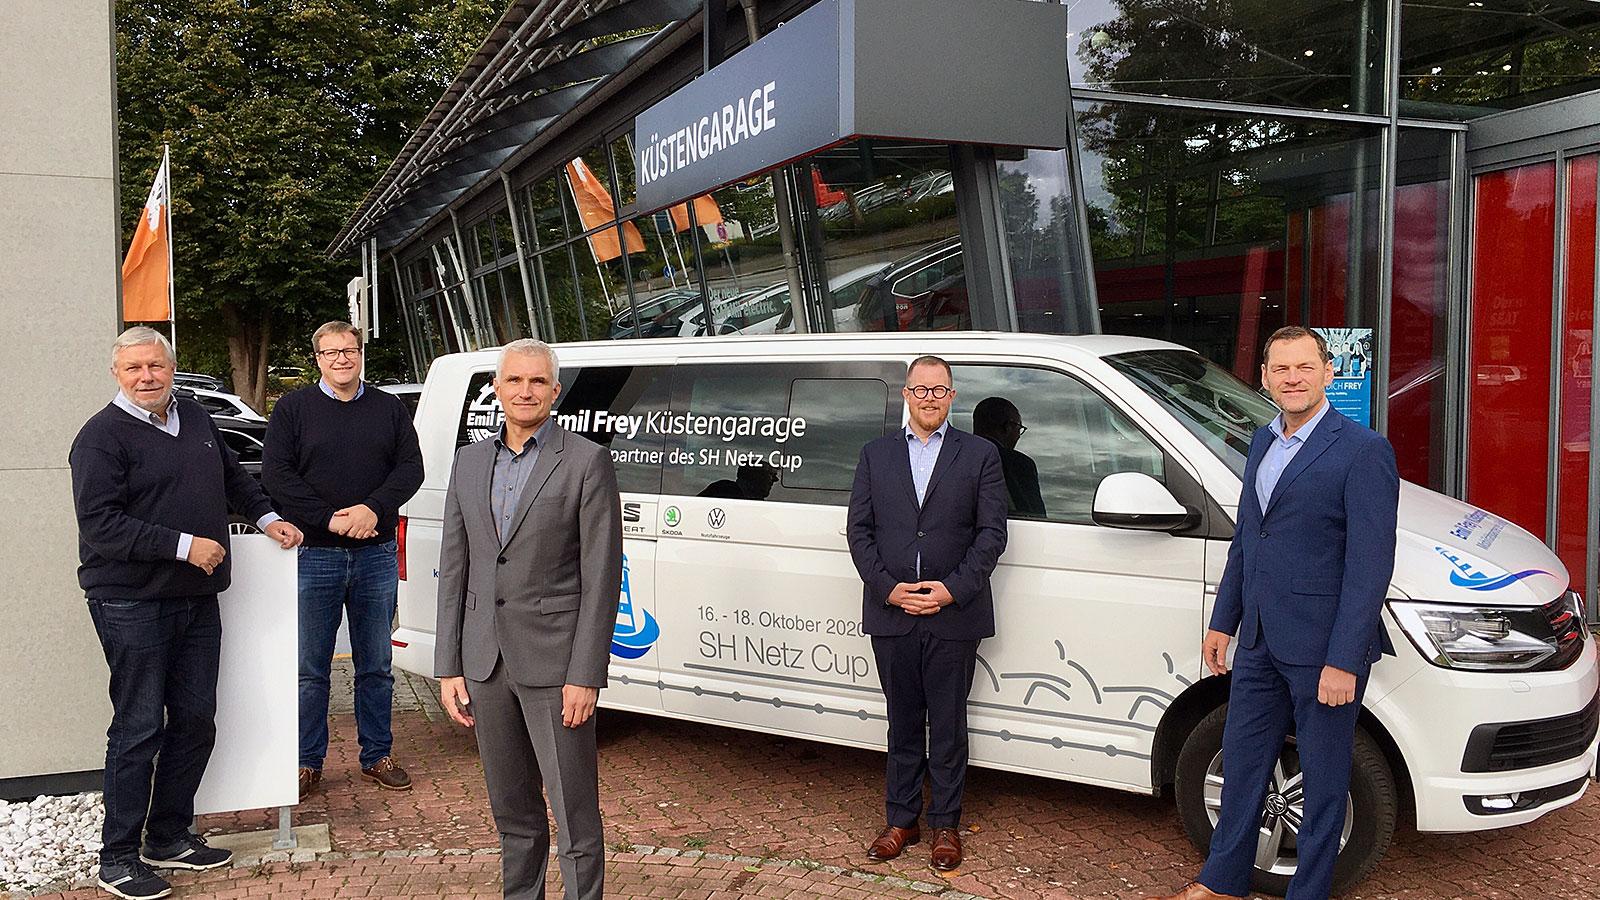 Emil Frey Küstengarage: Neue Mobilität für den SH Netz Cup